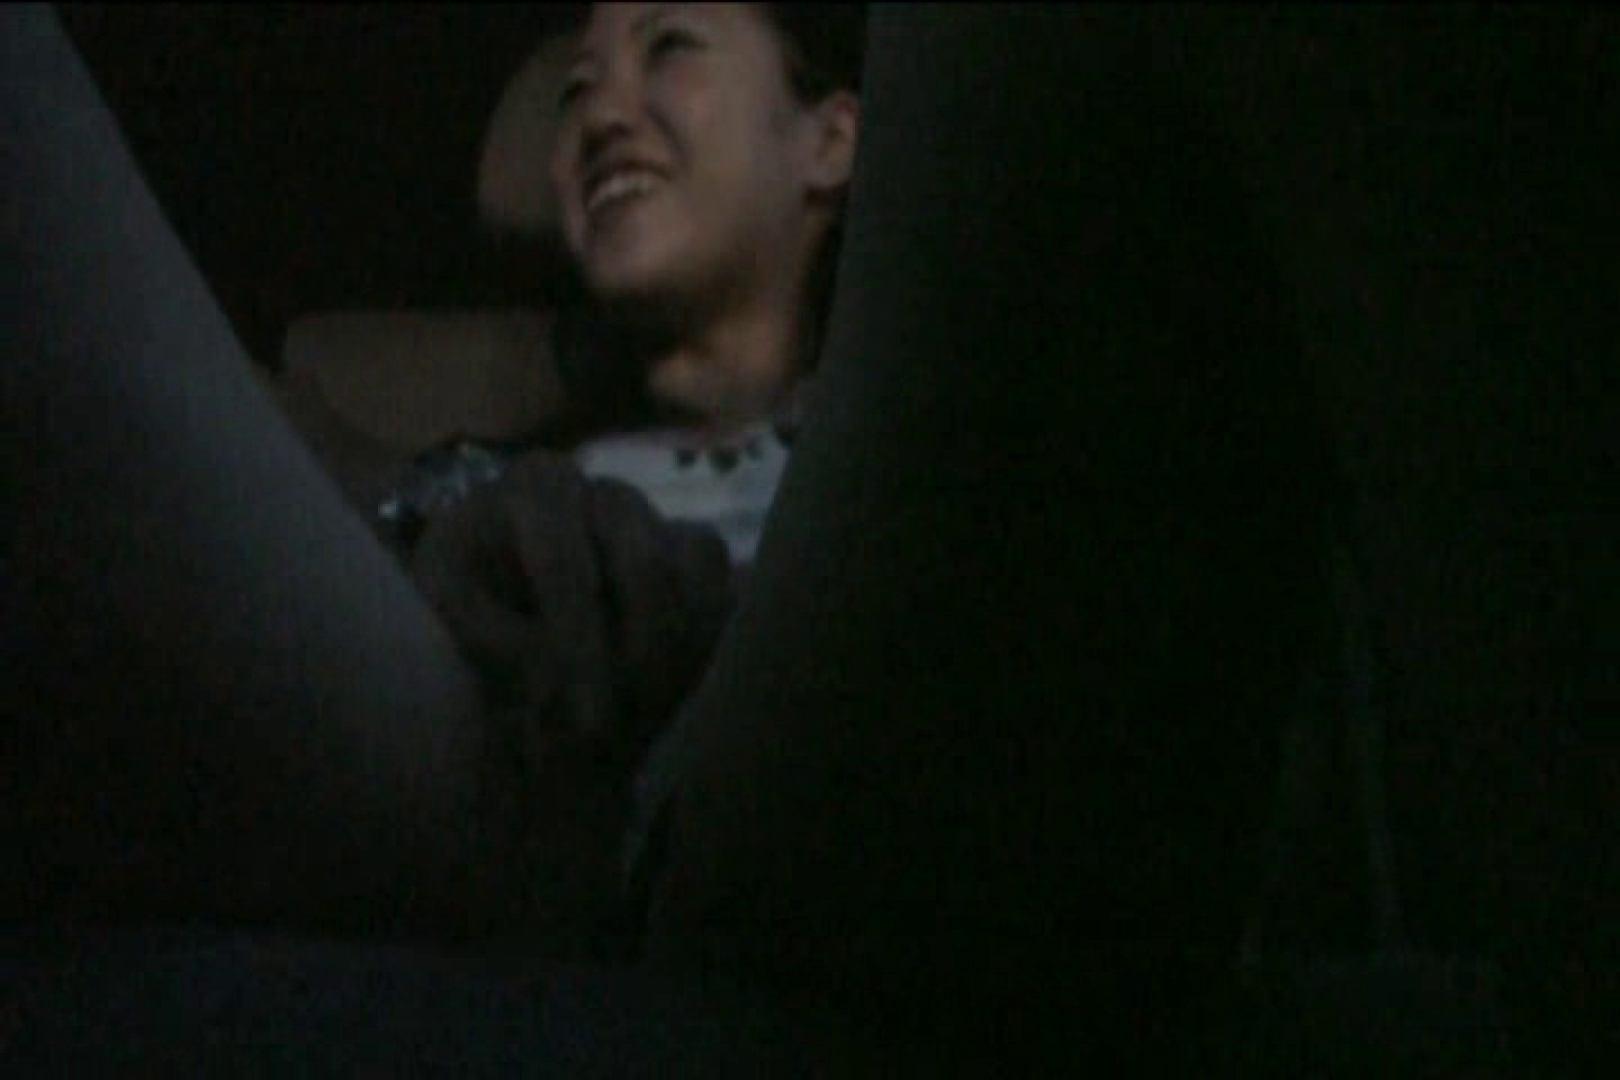 車内で初めまして! vol01 ハプニング   盗撮  68pic 40